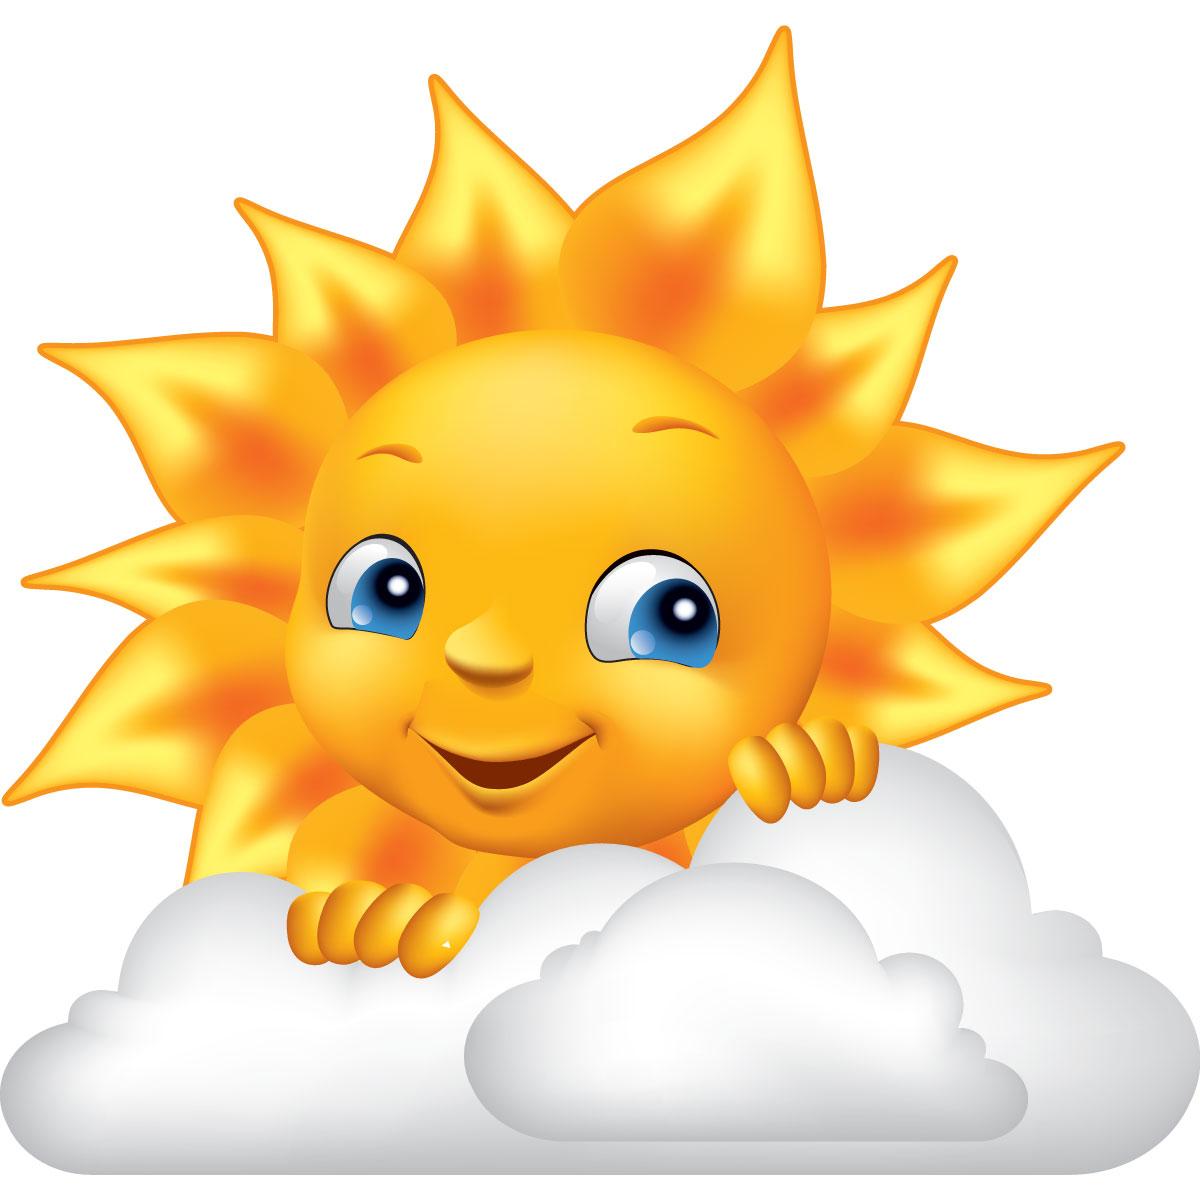 Sticker design soleil et nuage stickers stickers enfants - Image soleil rigolo ...